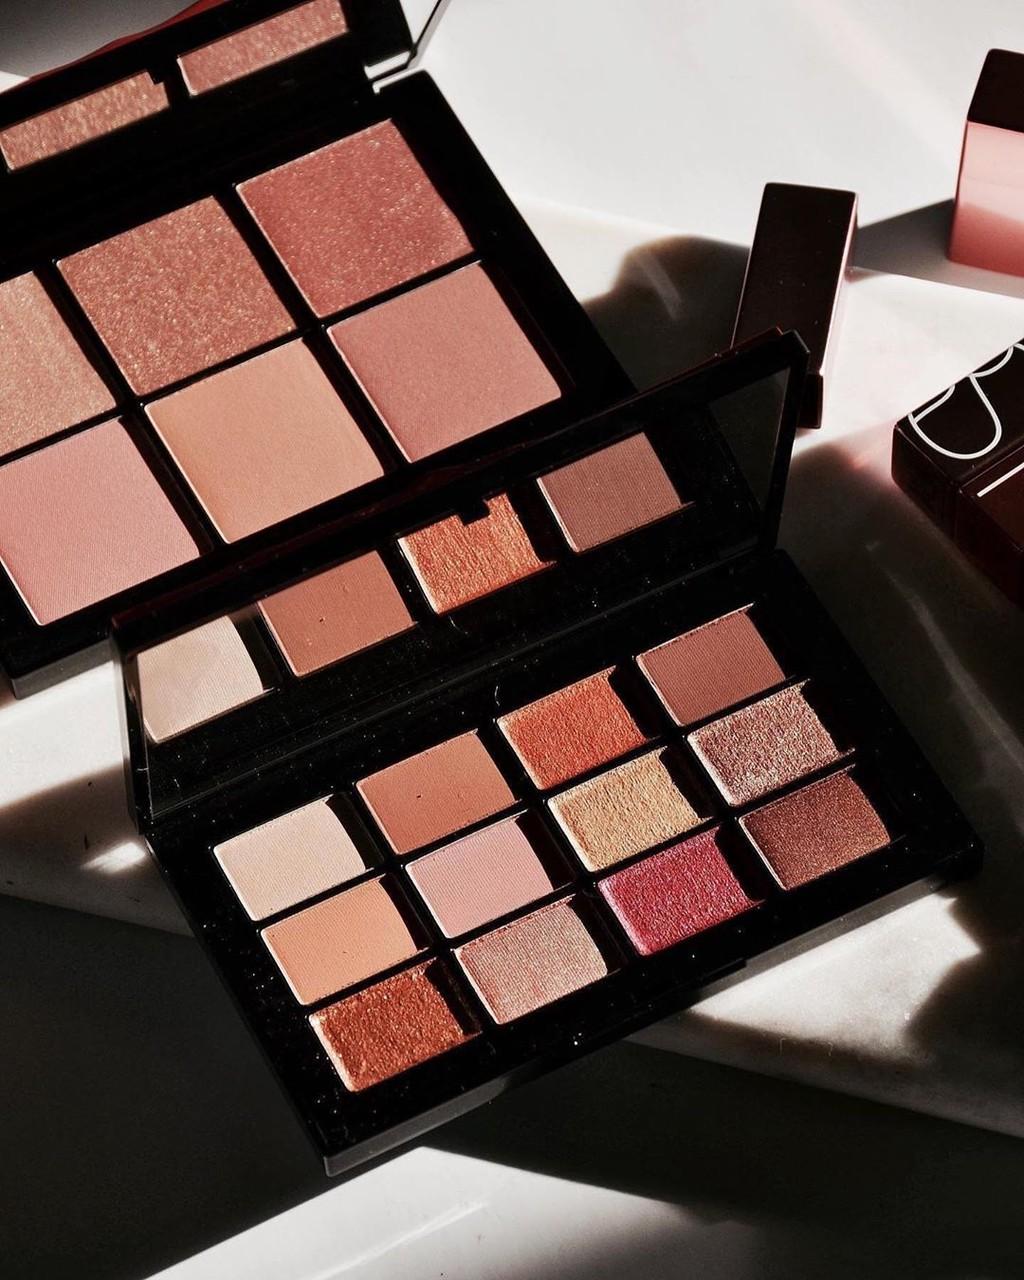 NARS nos propone un maquillaje de primavera luminoso y precioso con sus nuevas incorporaciones